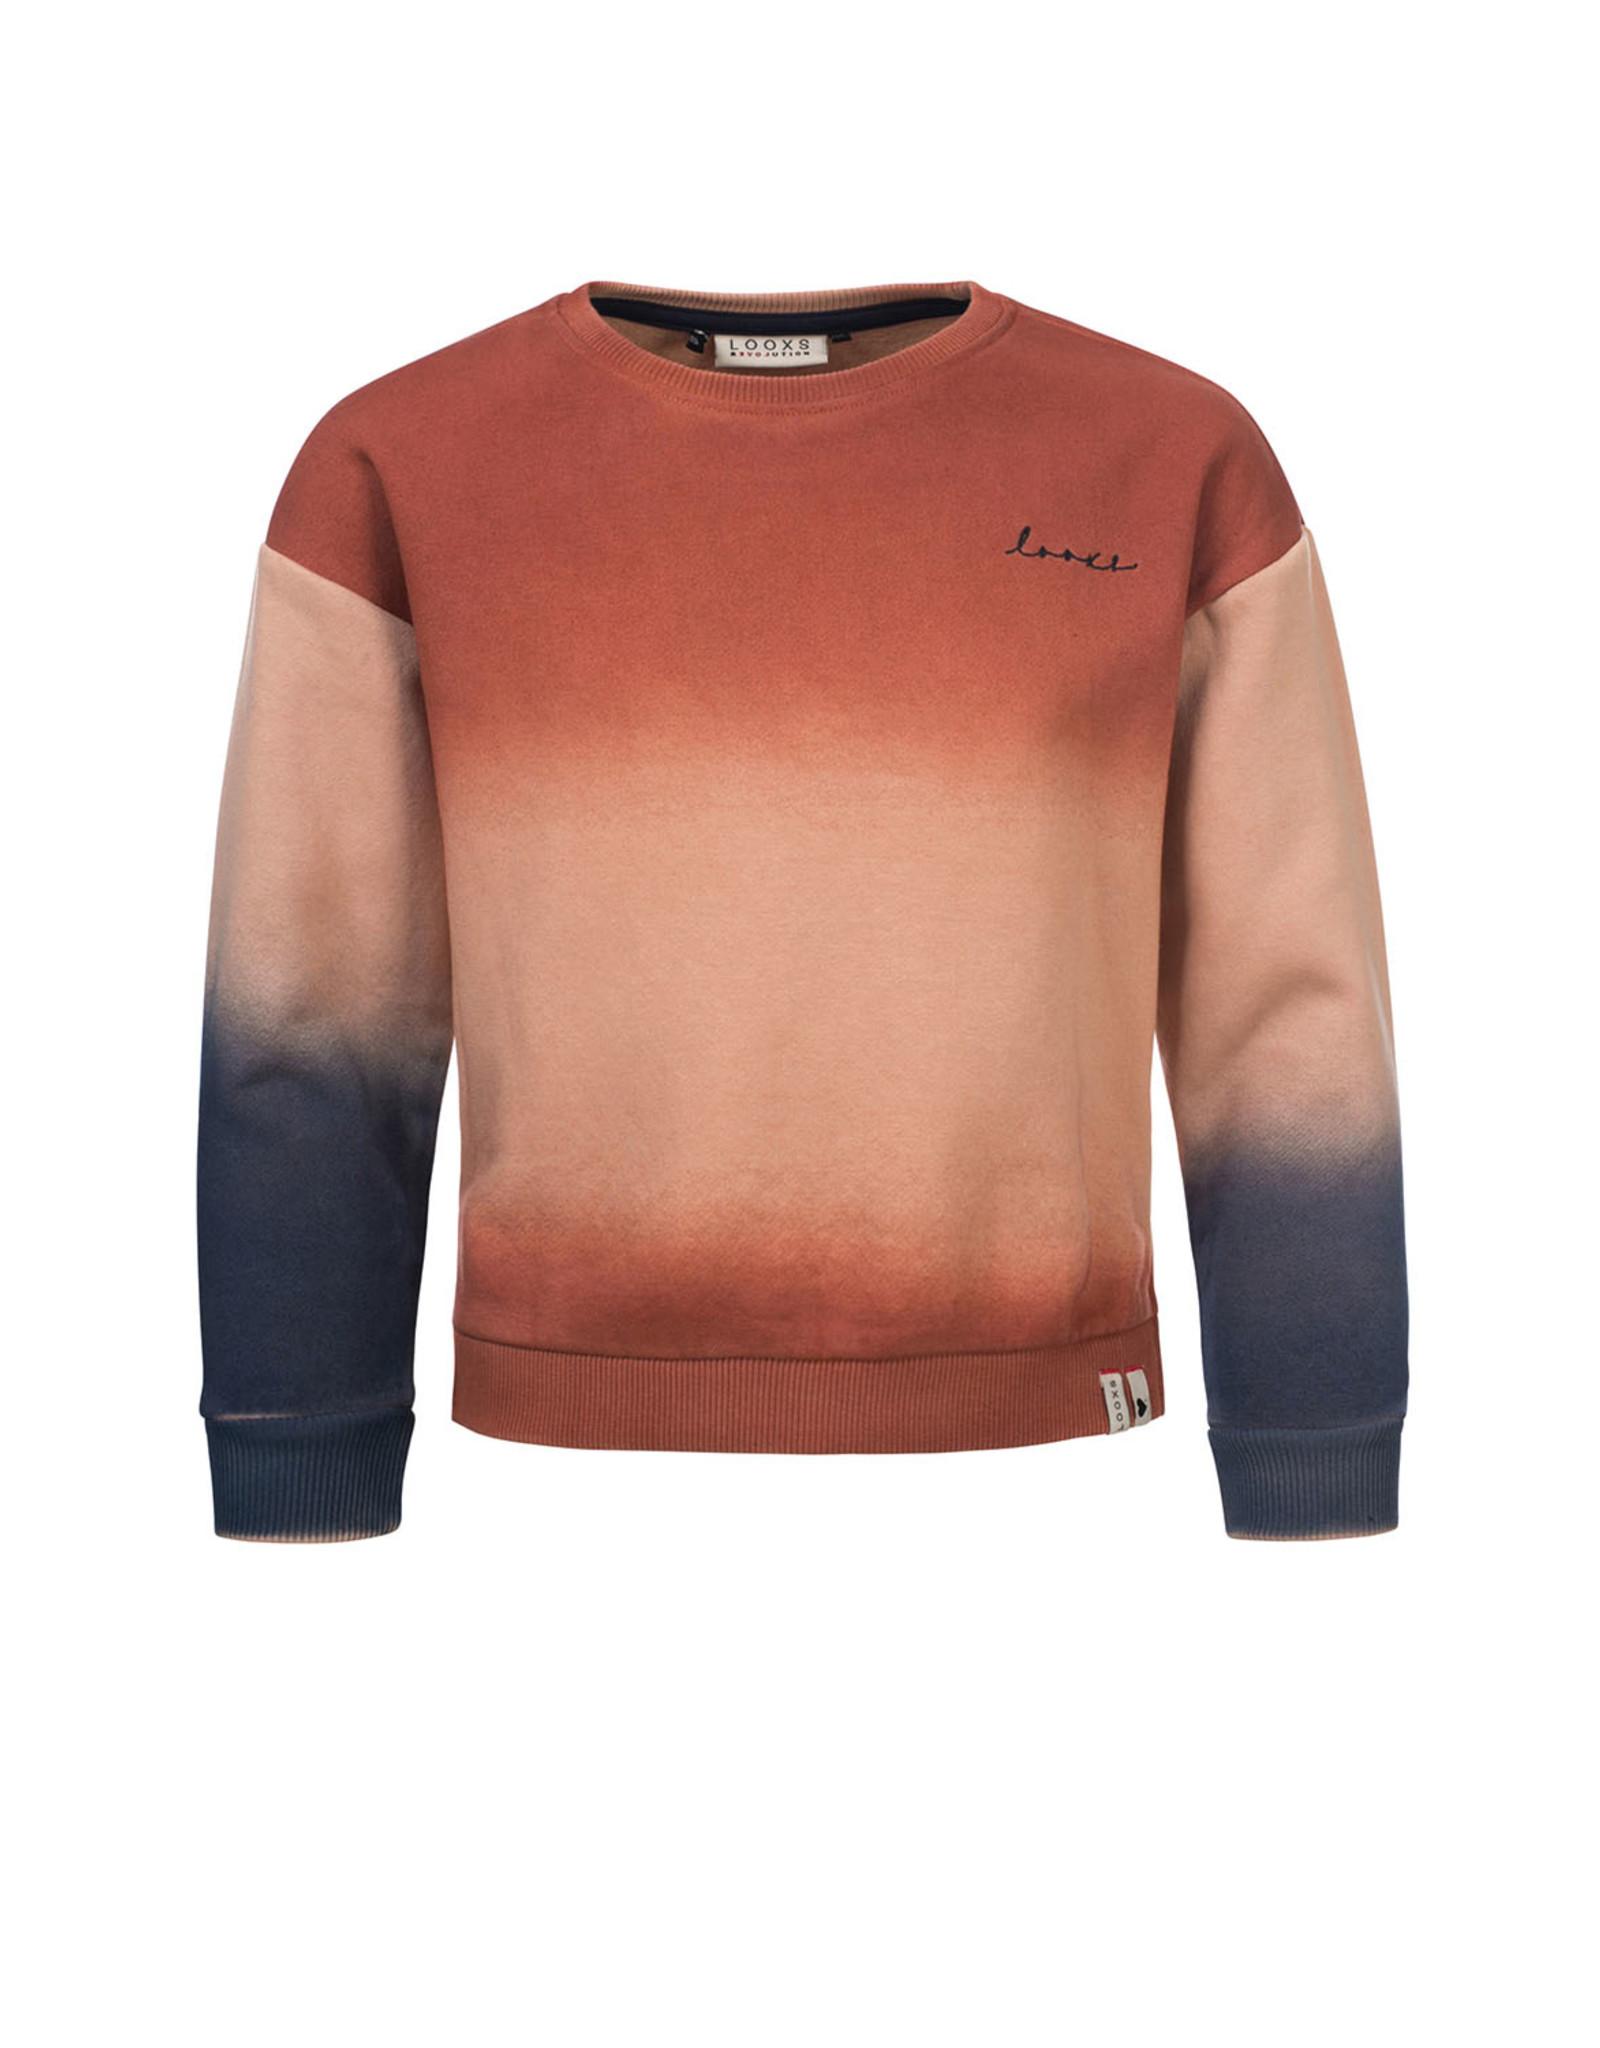 Looxs 10Sixteen dipdye sweater Dipdye